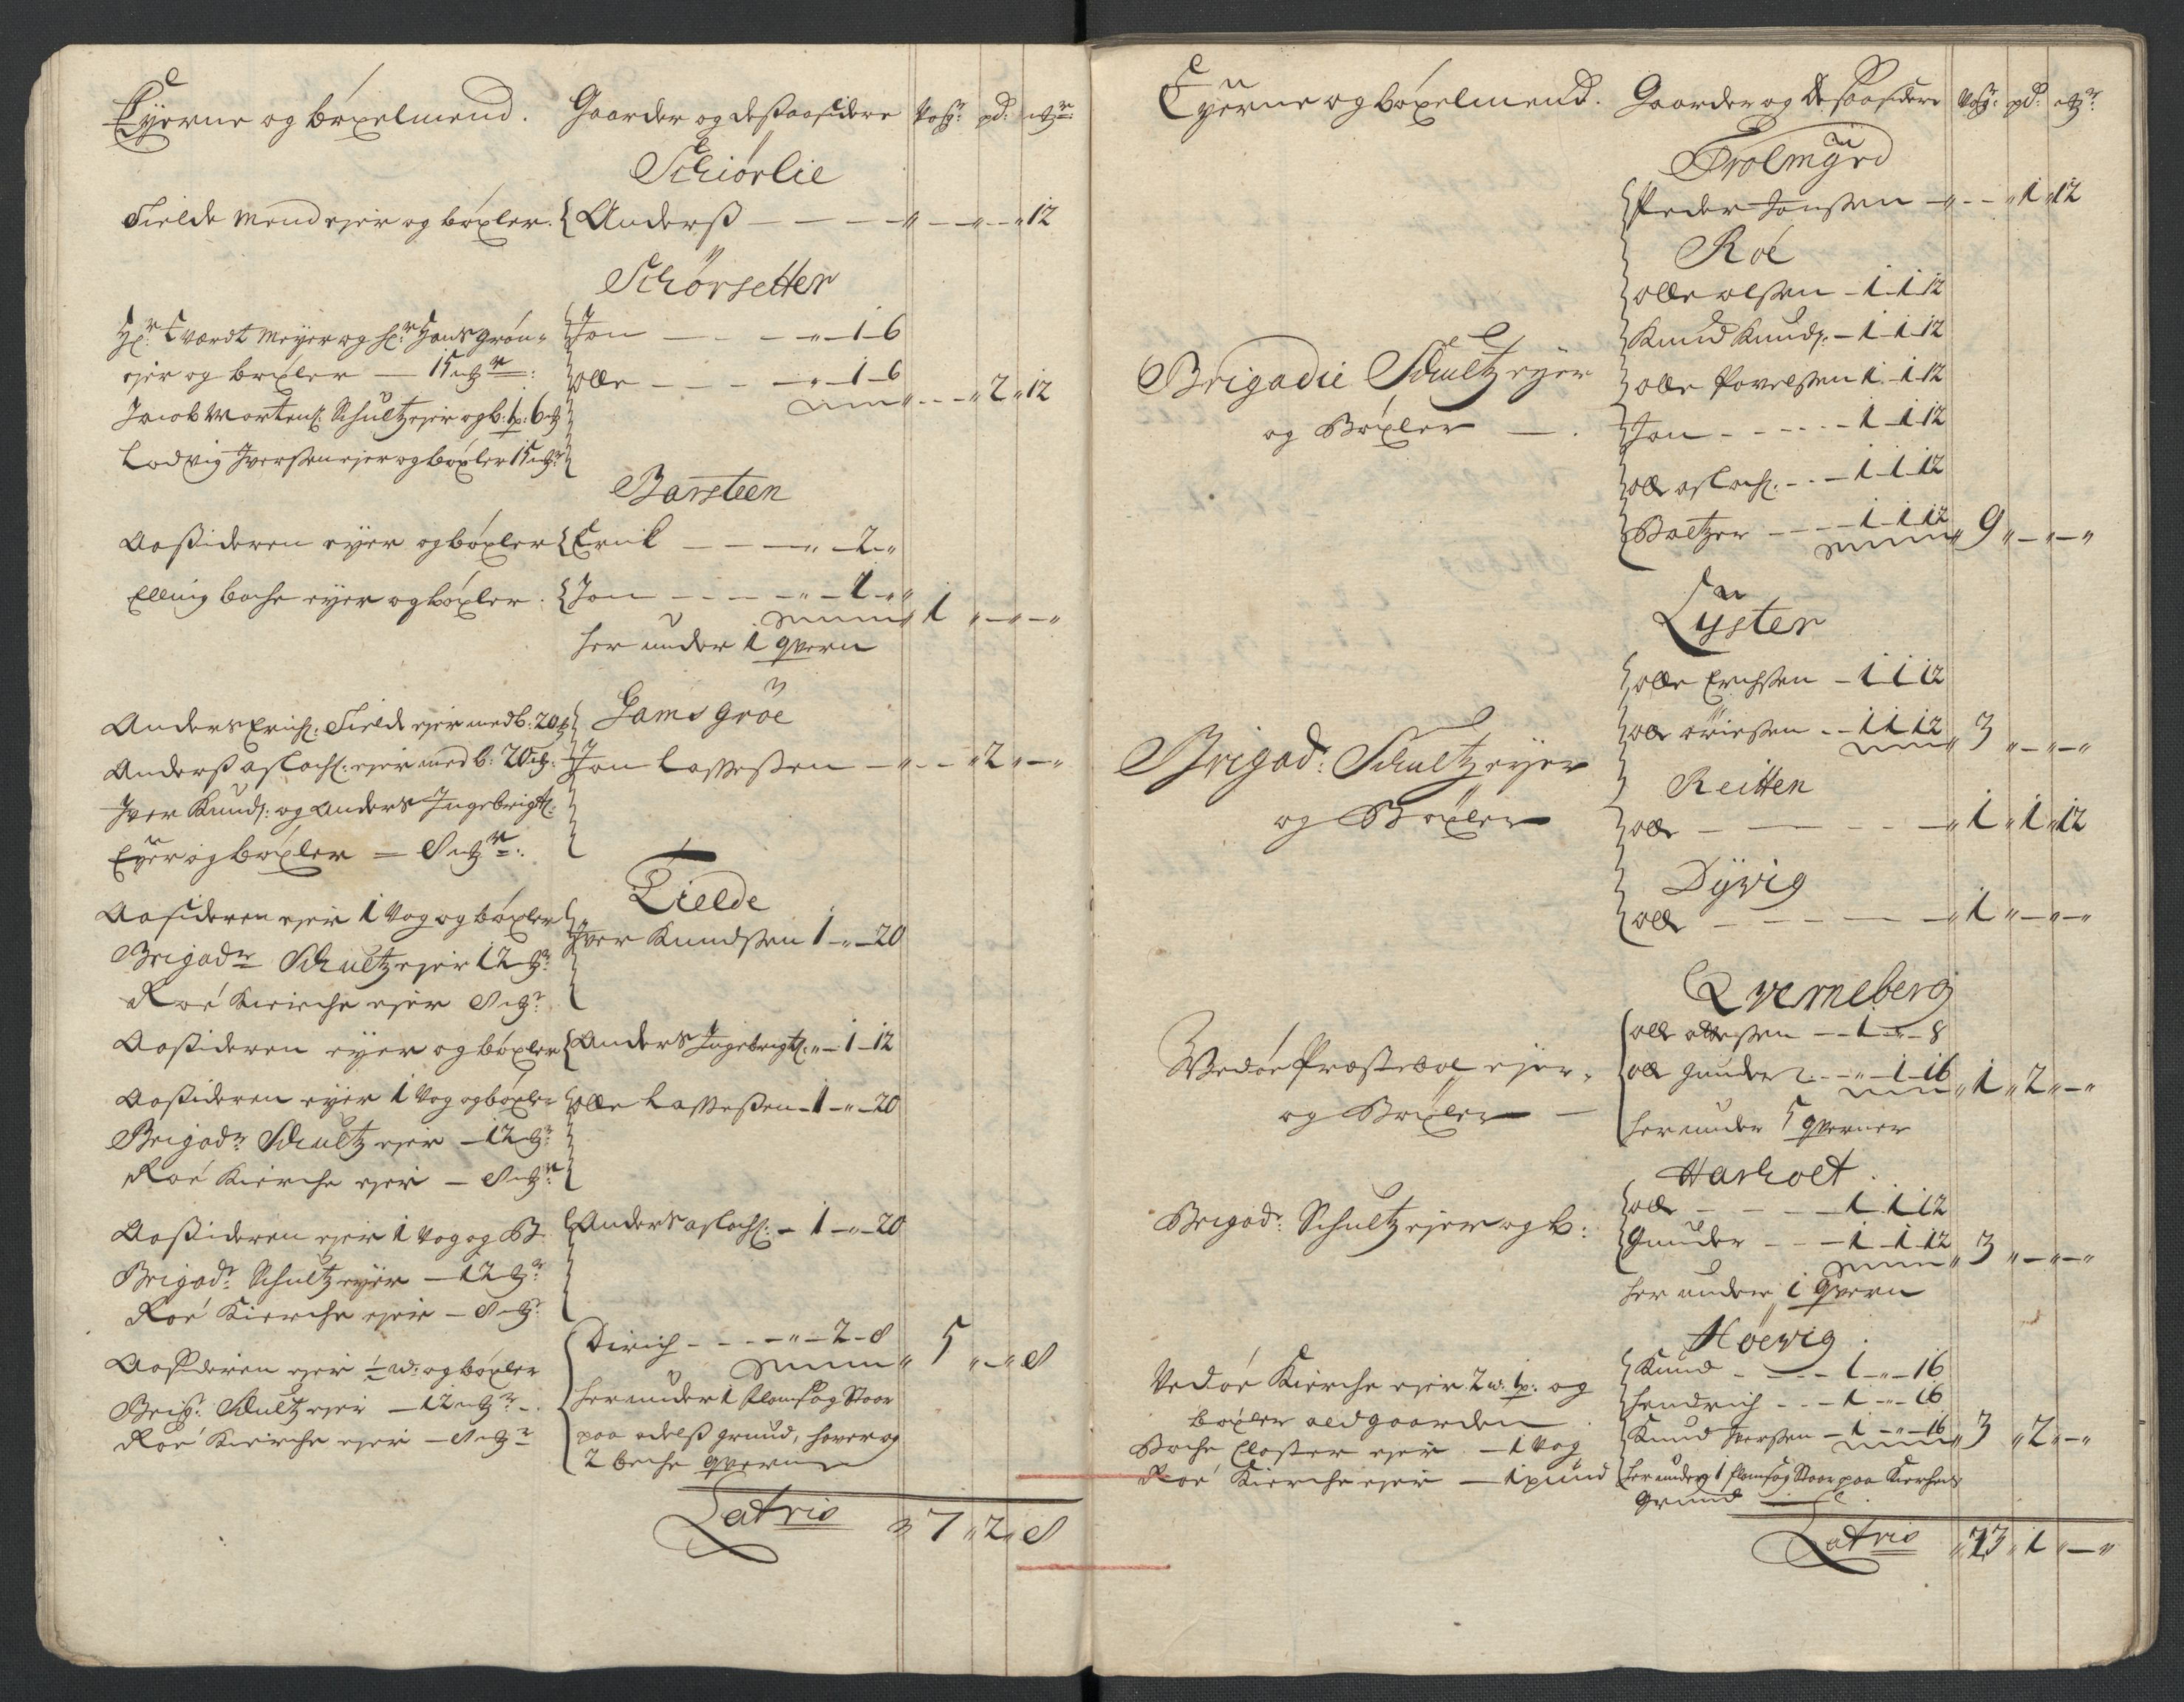 RA, Rentekammeret inntil 1814, Reviderte regnskaper, Fogderegnskap, R55/L3658: Fogderegnskap Romsdal, 1707-1708, s. 198